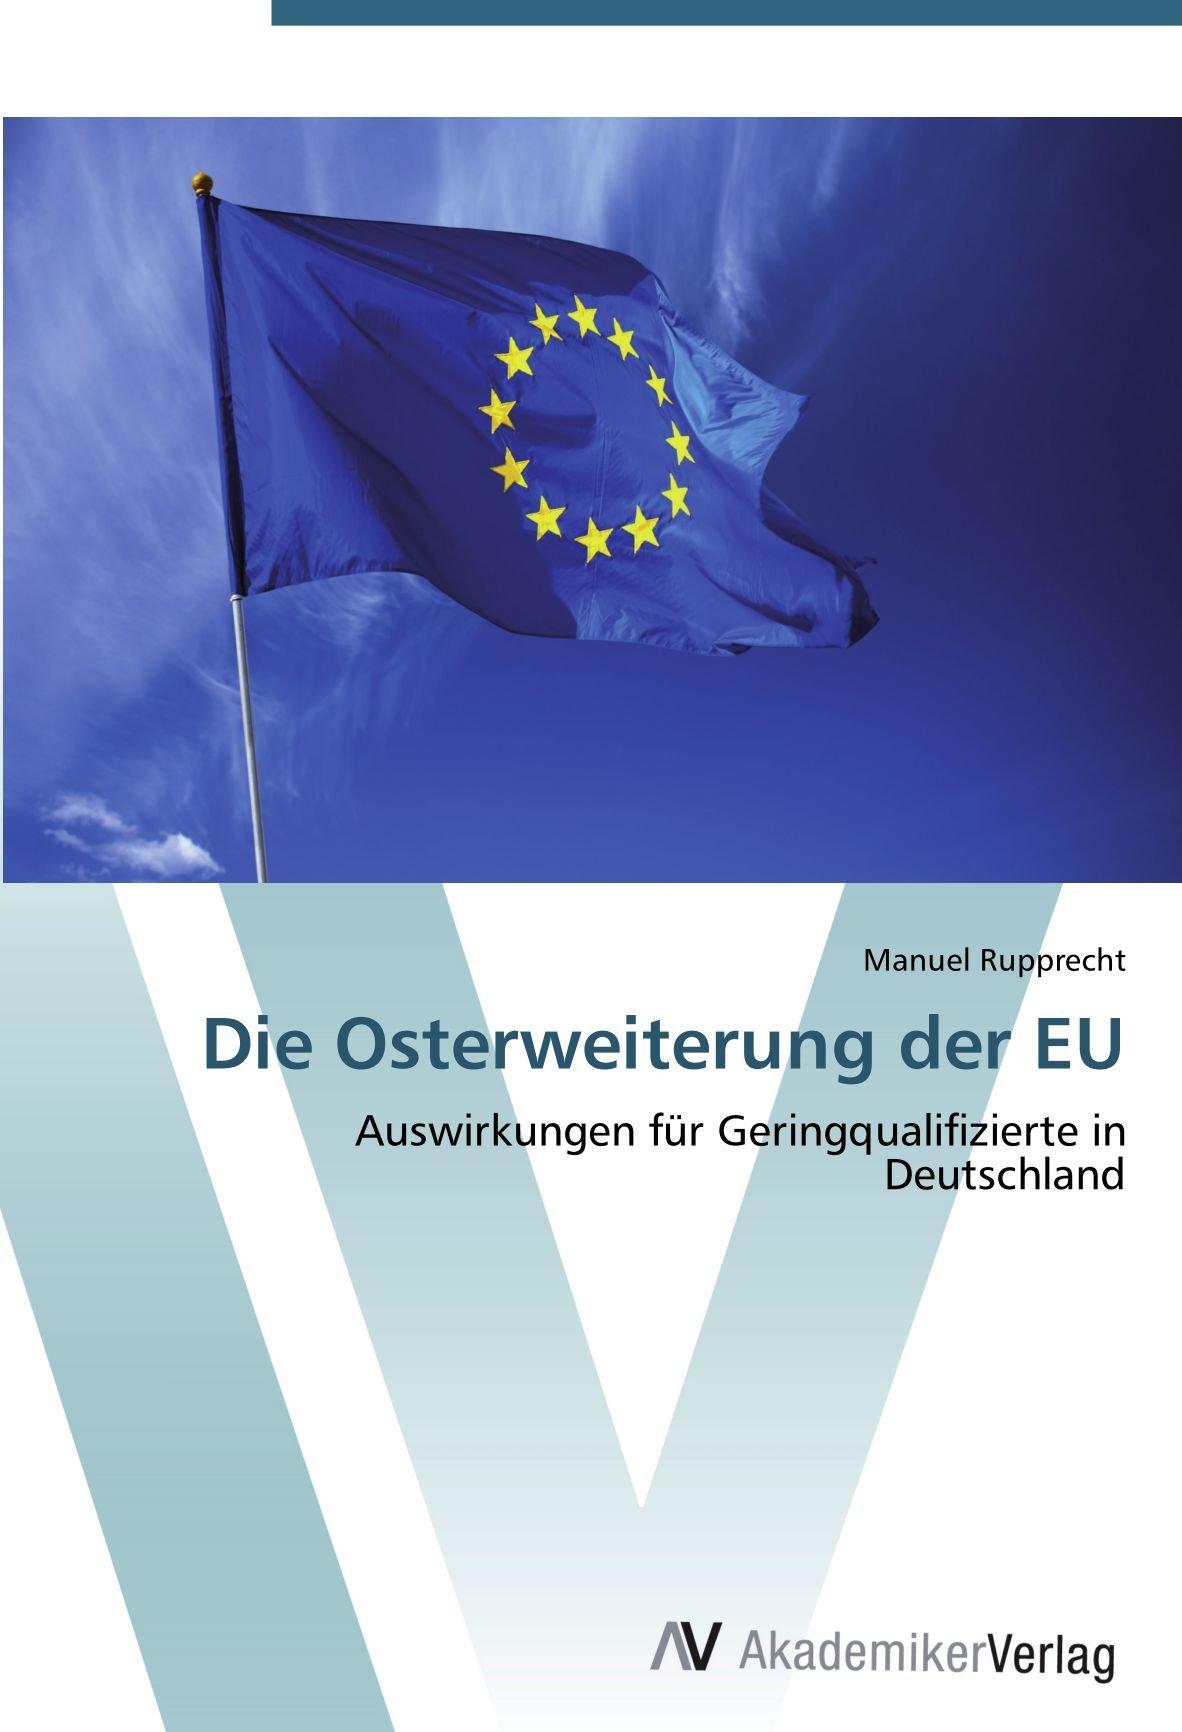 die-osterweiterung-der-eu-auswirkungen-fr-geringqualifizierte-in-deutschland